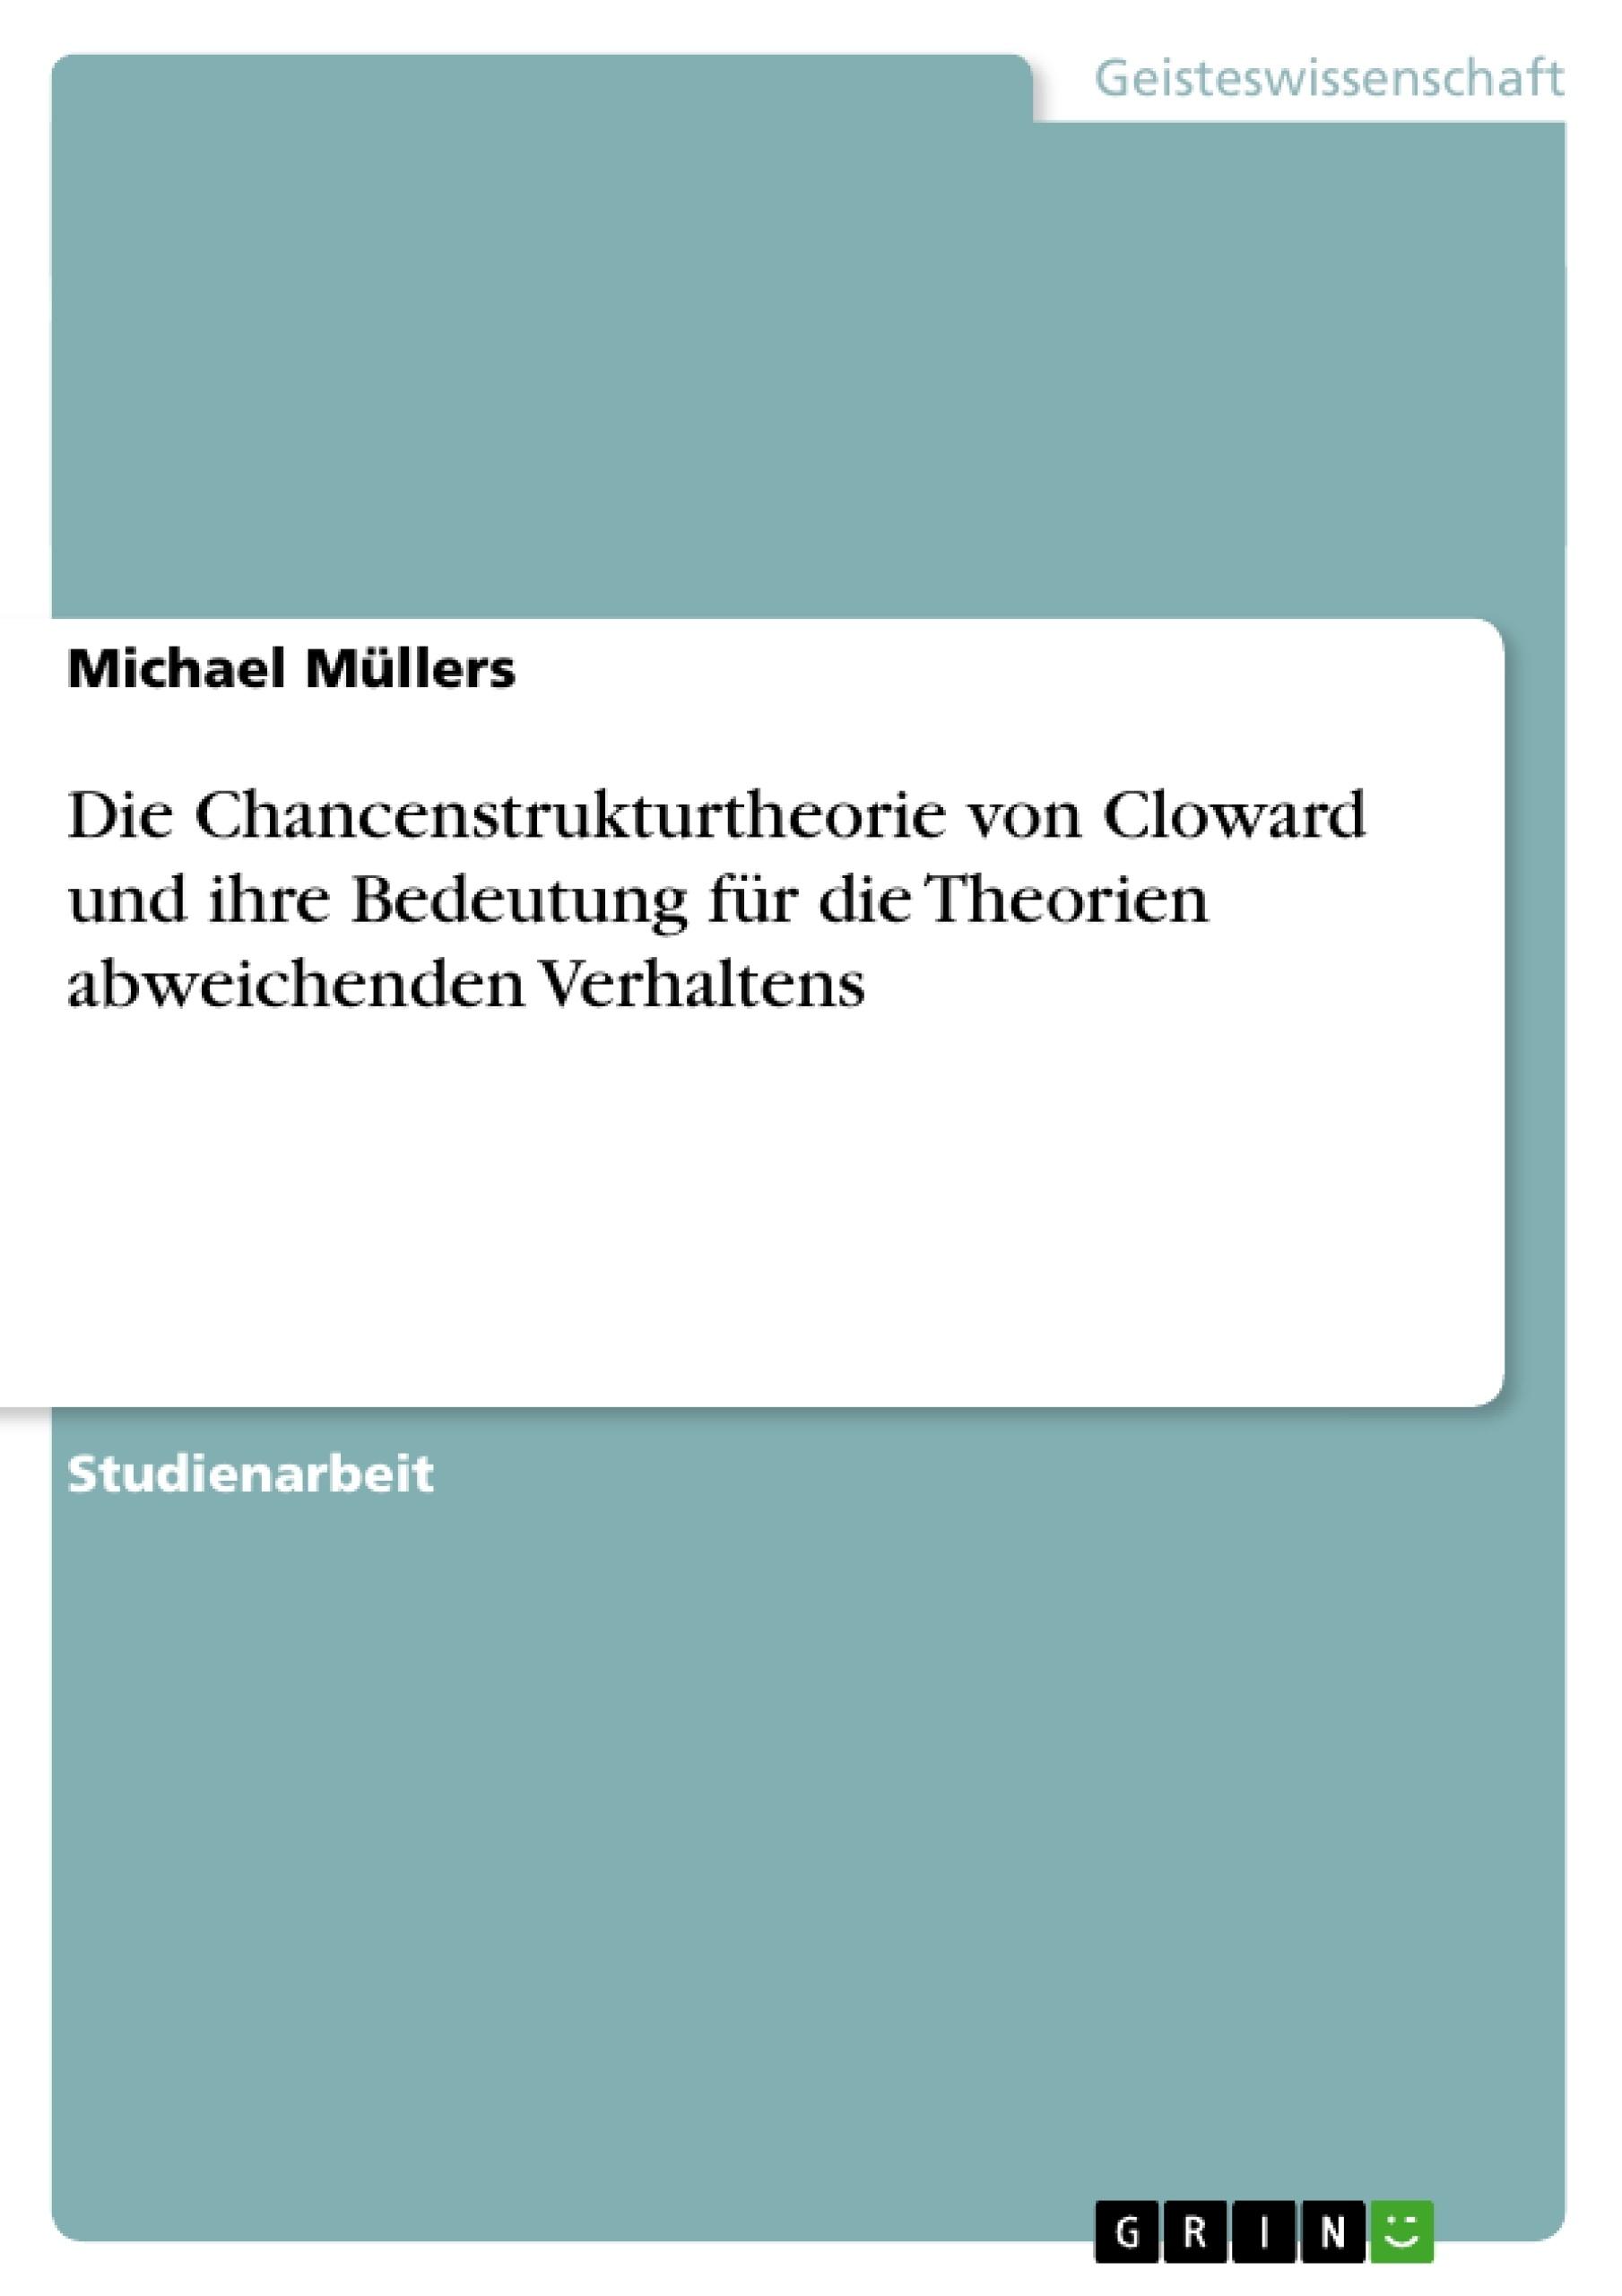 Titel: Die Chancenstrukturtheorie von Cloward und ihre Bedeutung für die Theorien abweichenden Verhaltens